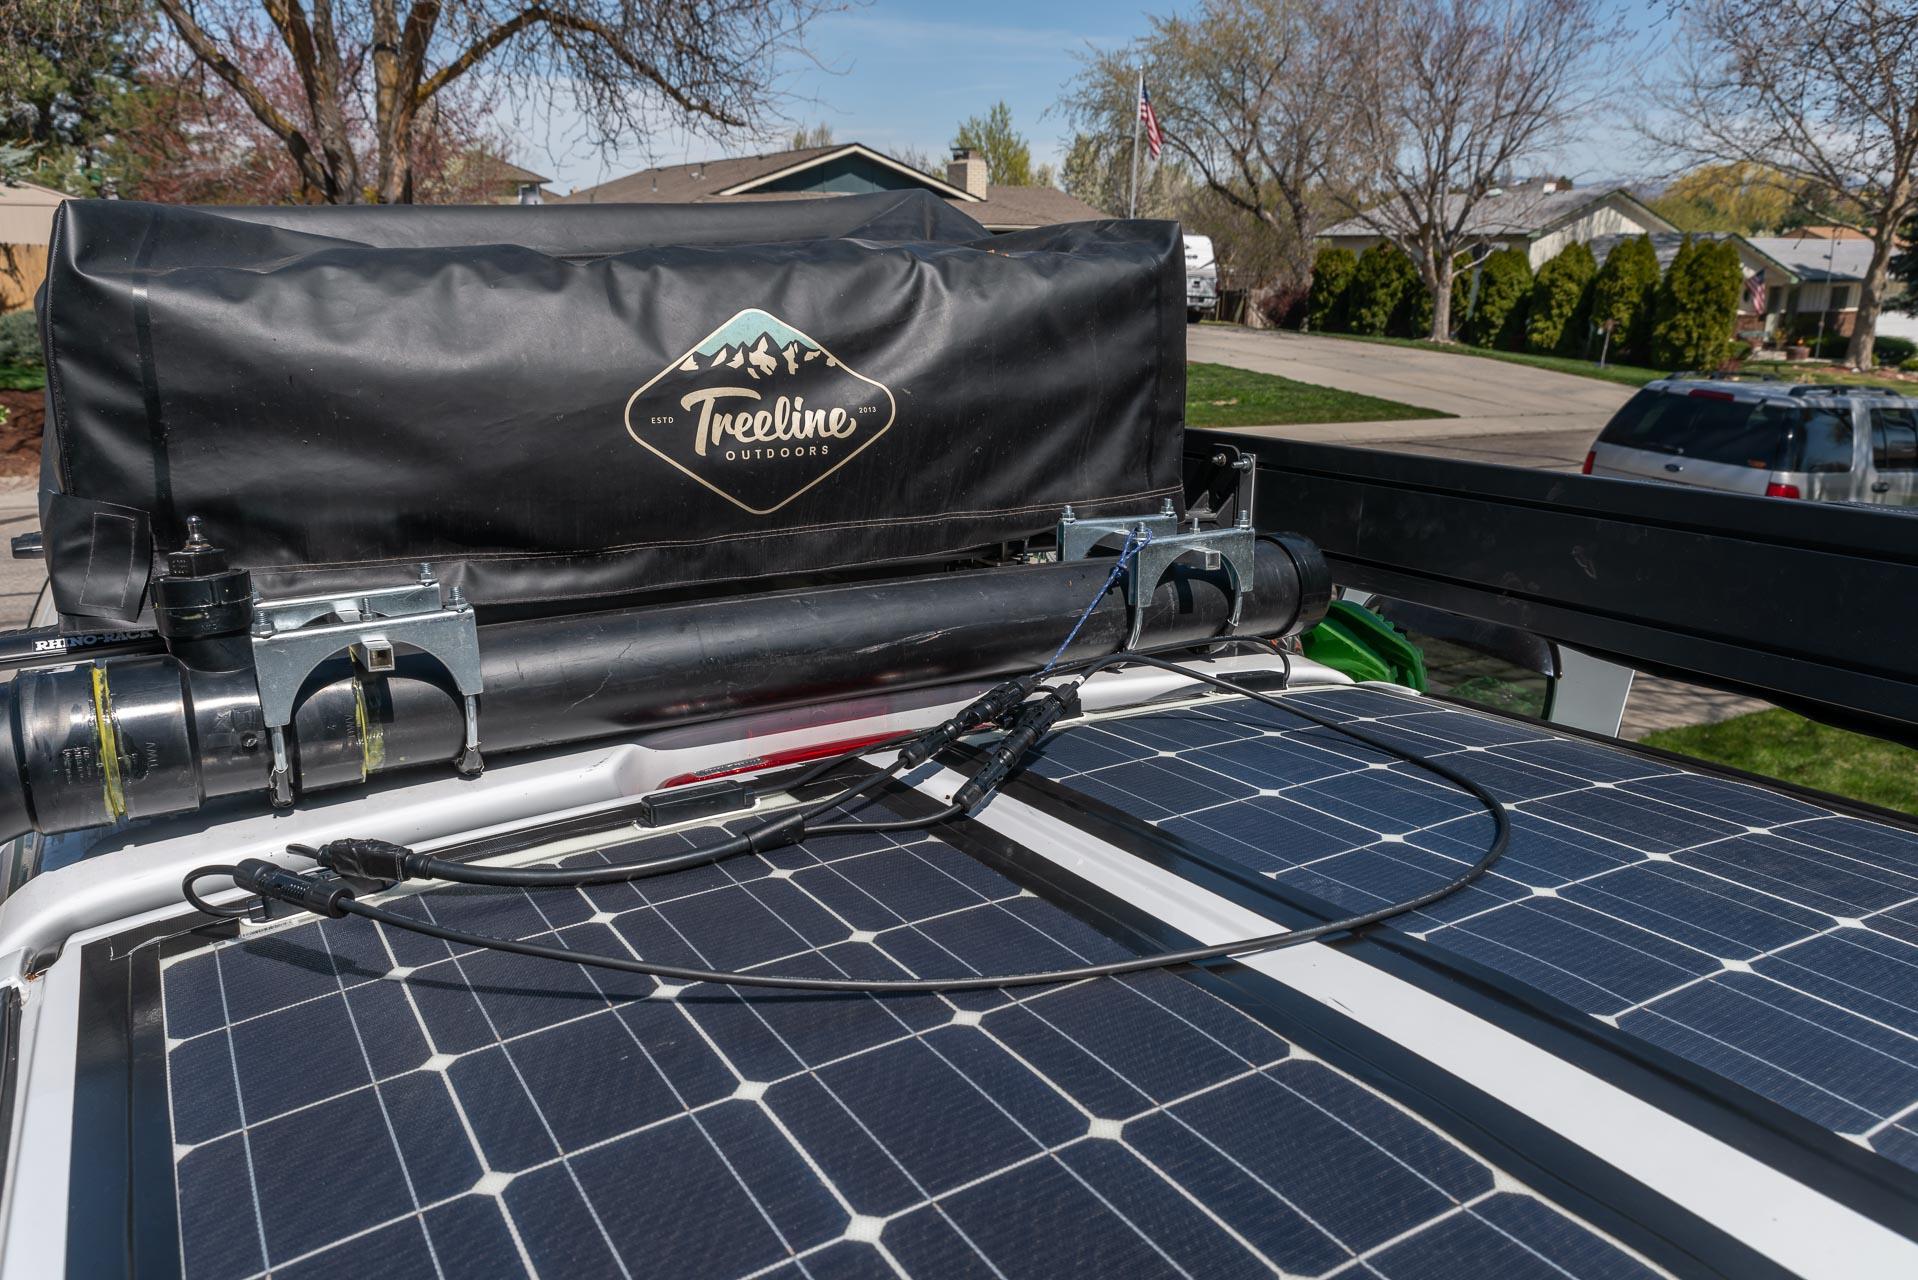 Zur Solardusche kommen noch zwei neue Solarpanels